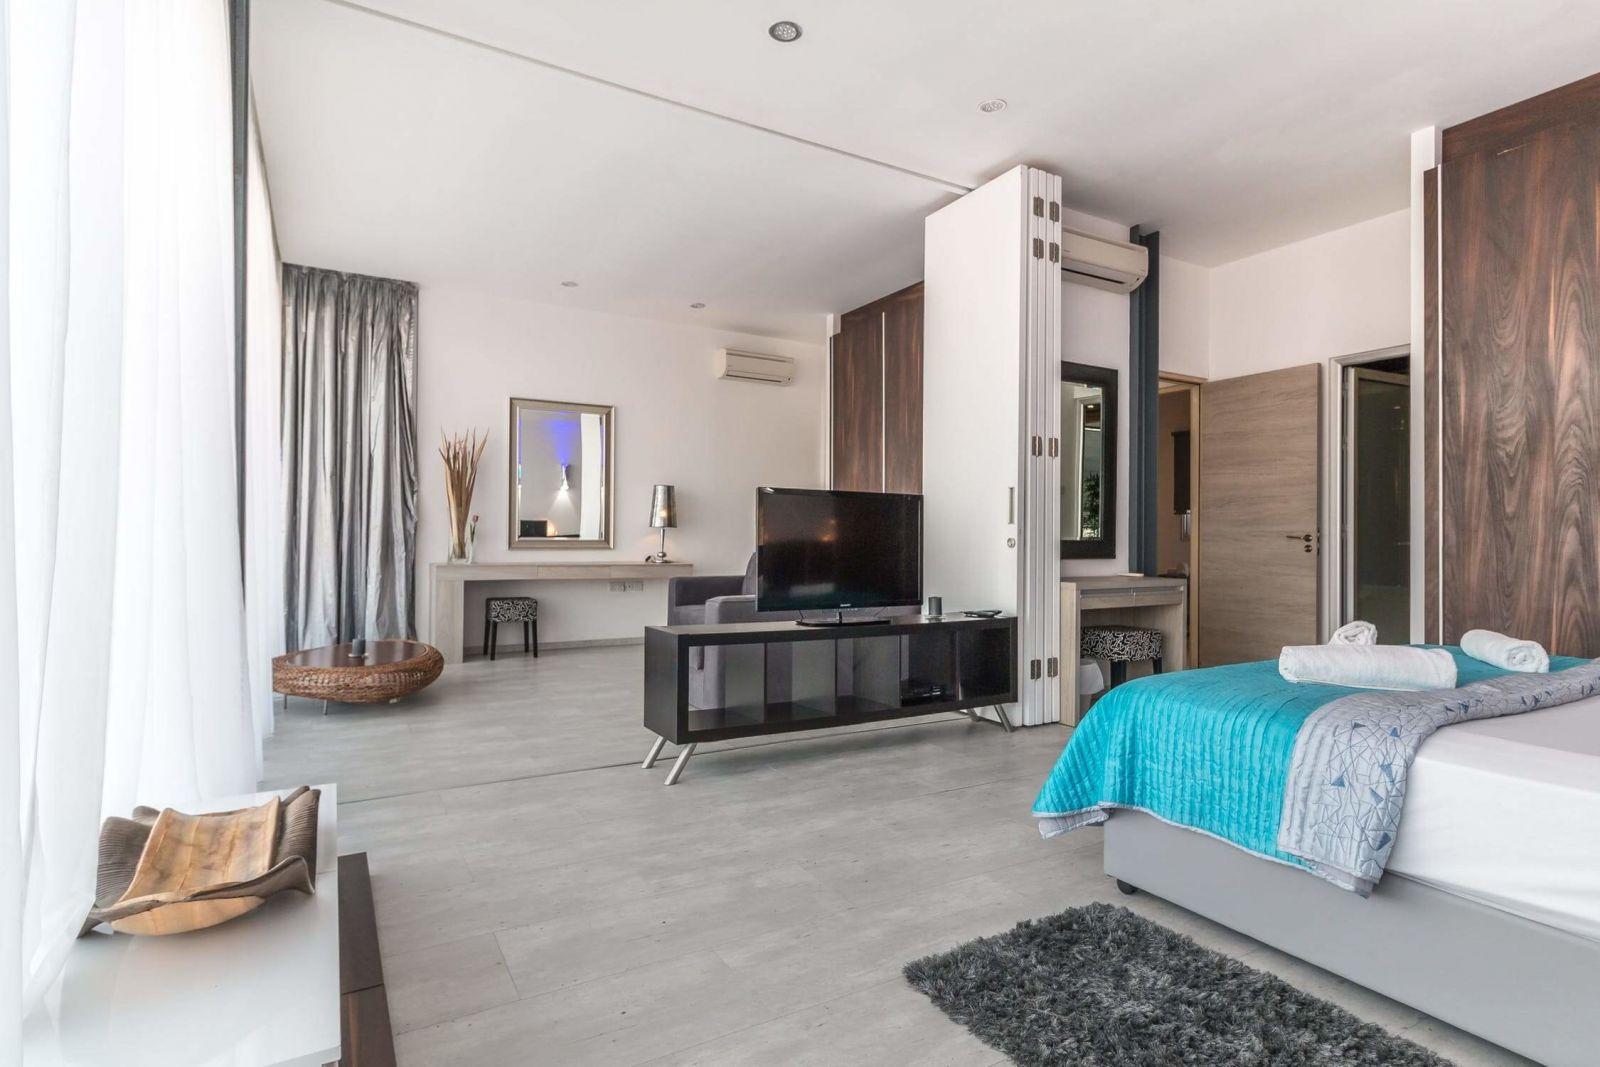 Уютная квартира-студия выполненная в стилистике лофт.